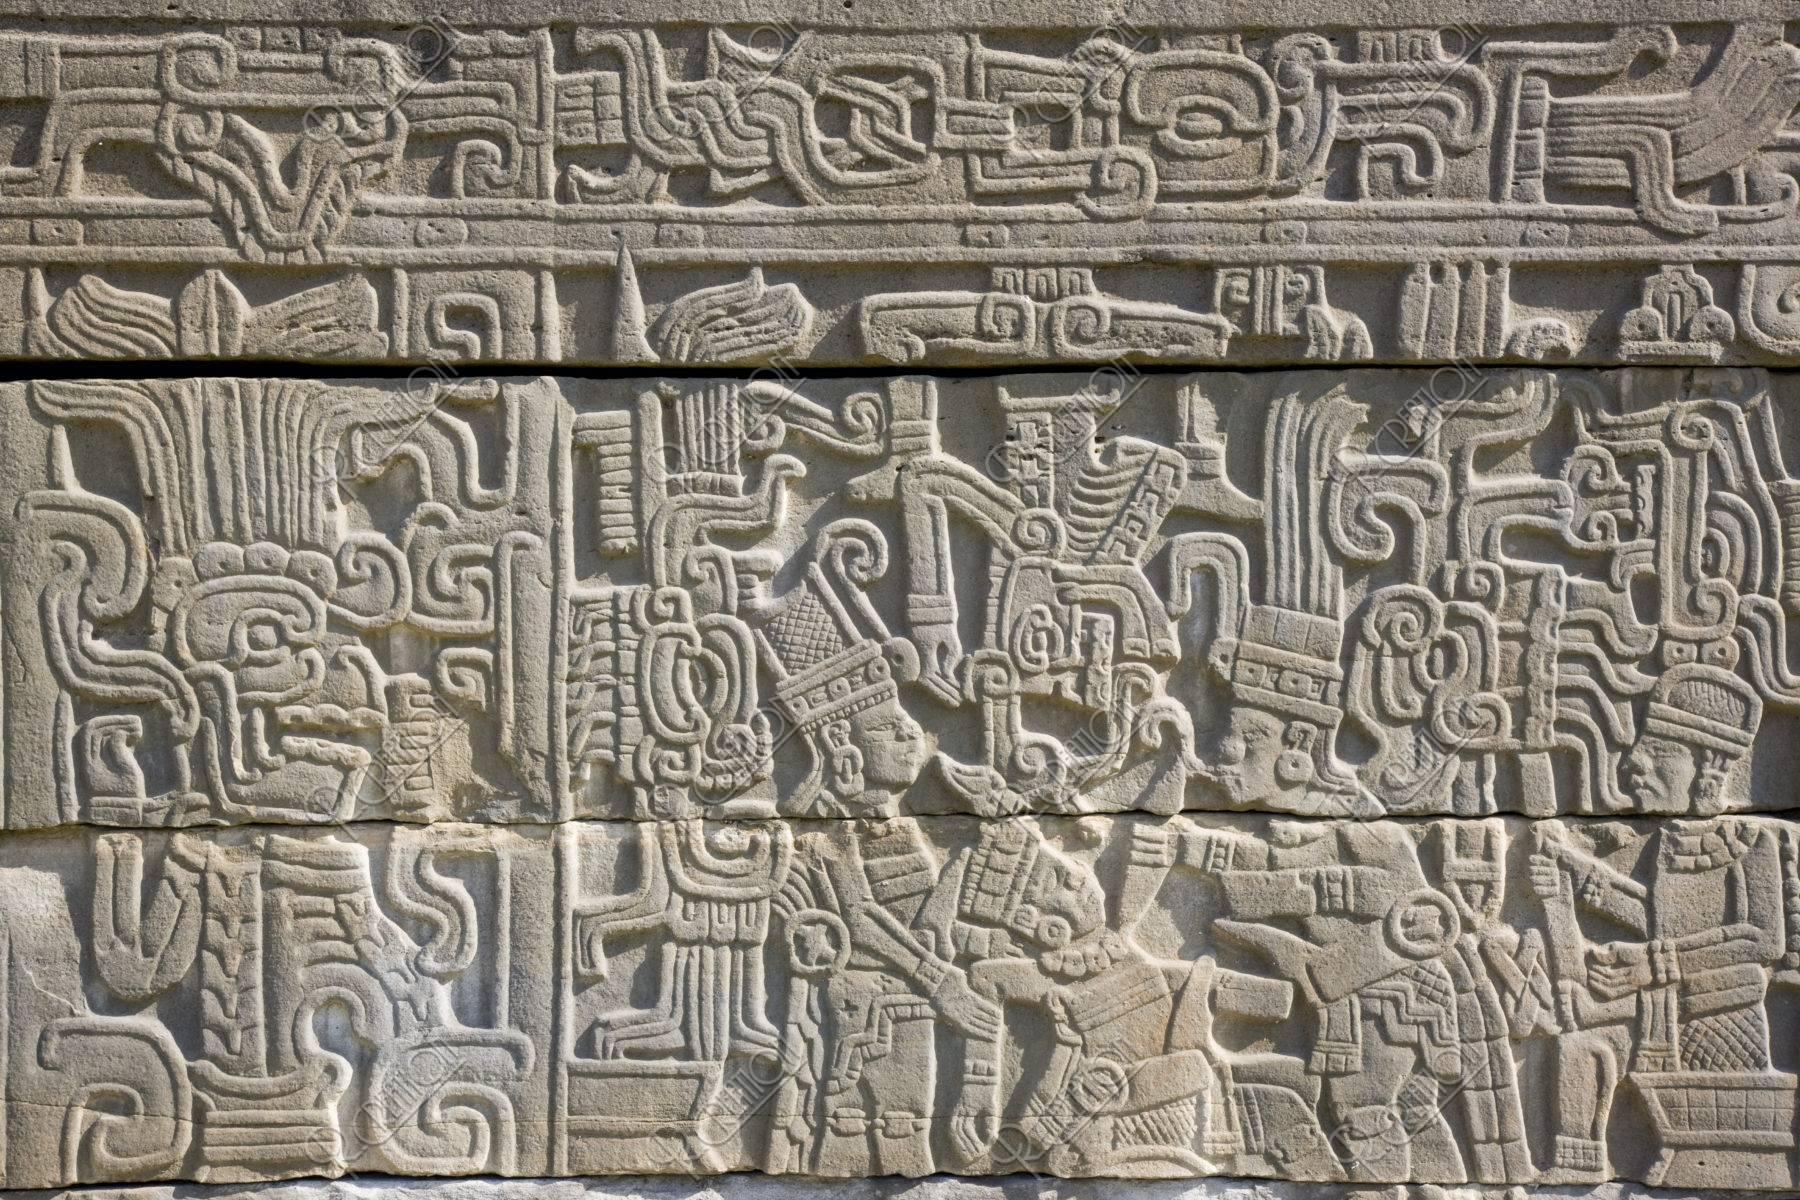 エルタヒン遺跡 球戯場 生け贄のレリーフ 世界遺産